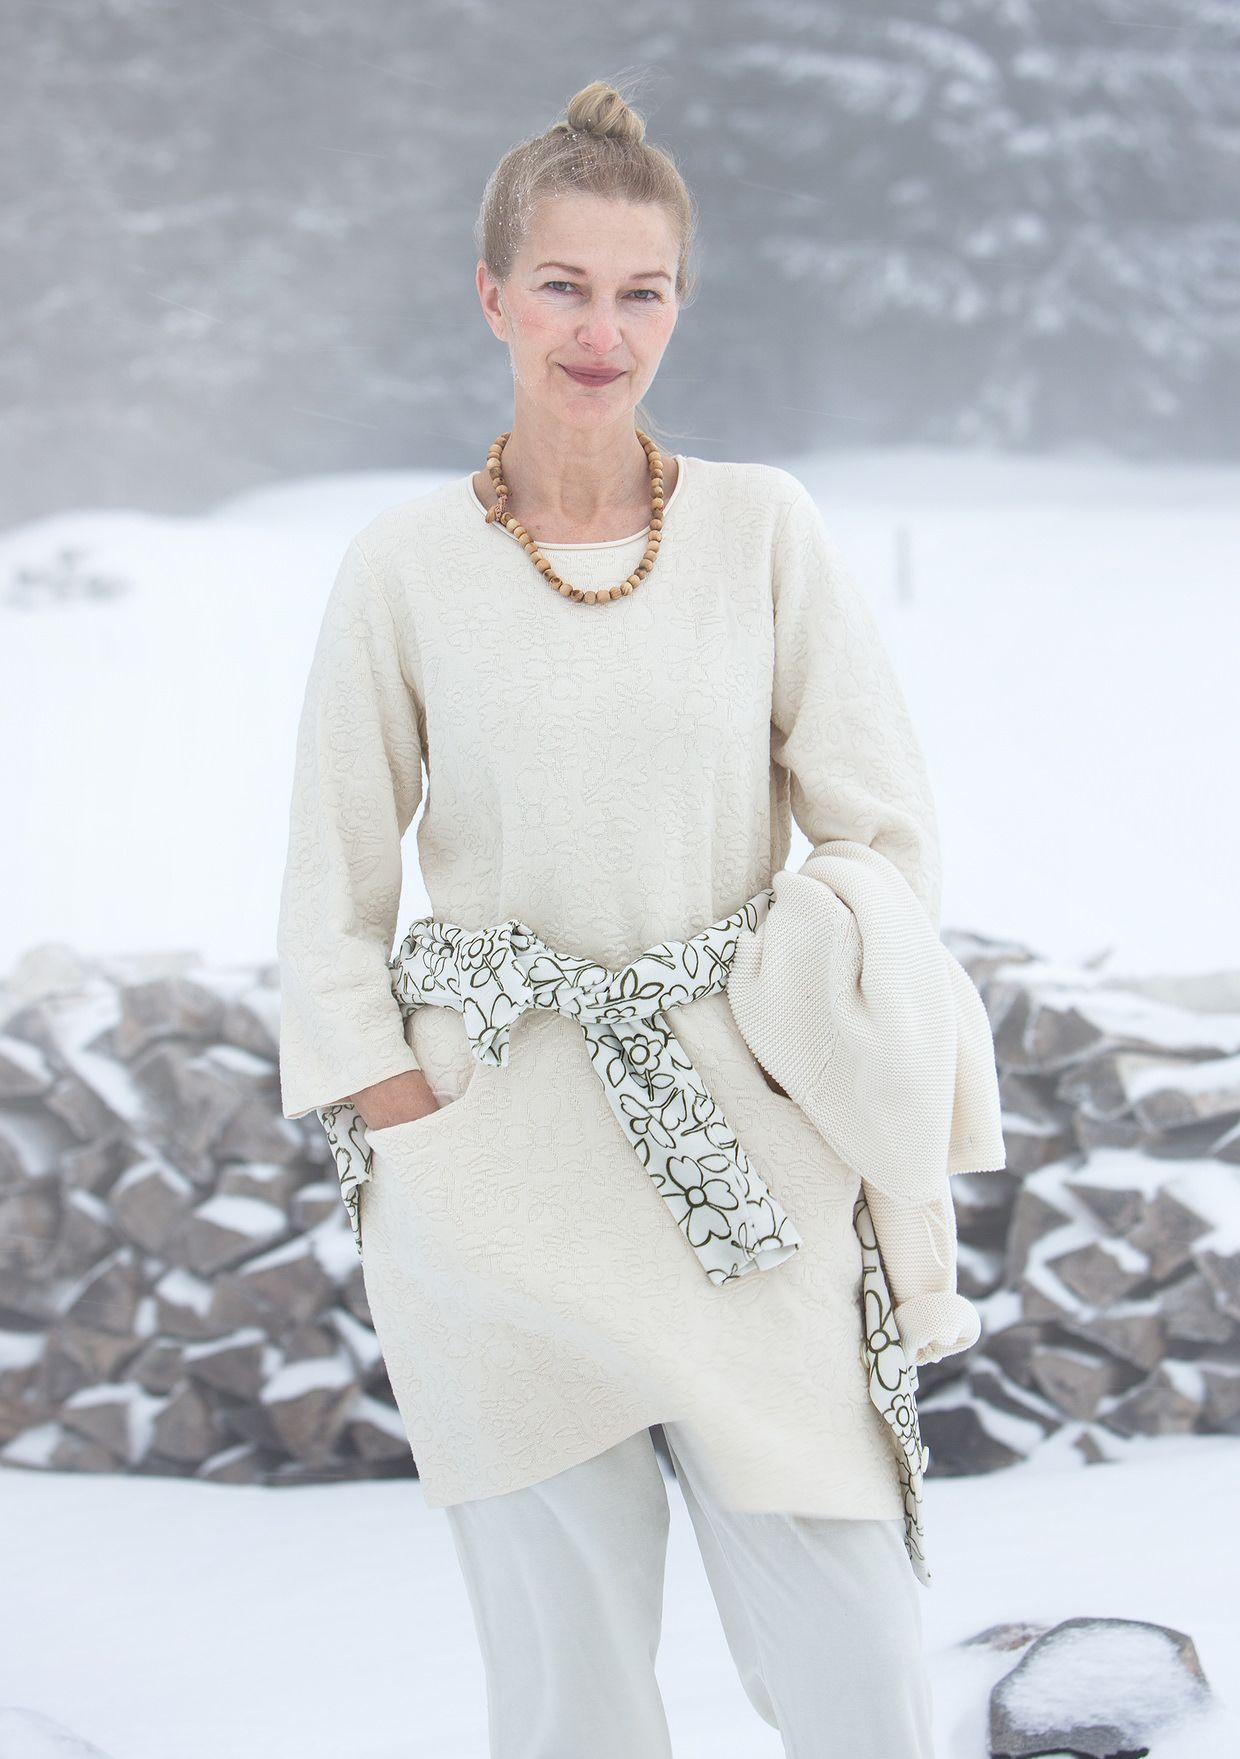 Kleding Inline.Tuniek Snobar Van Biokatoen Witte Winter Gudrun Sjoden Kleding